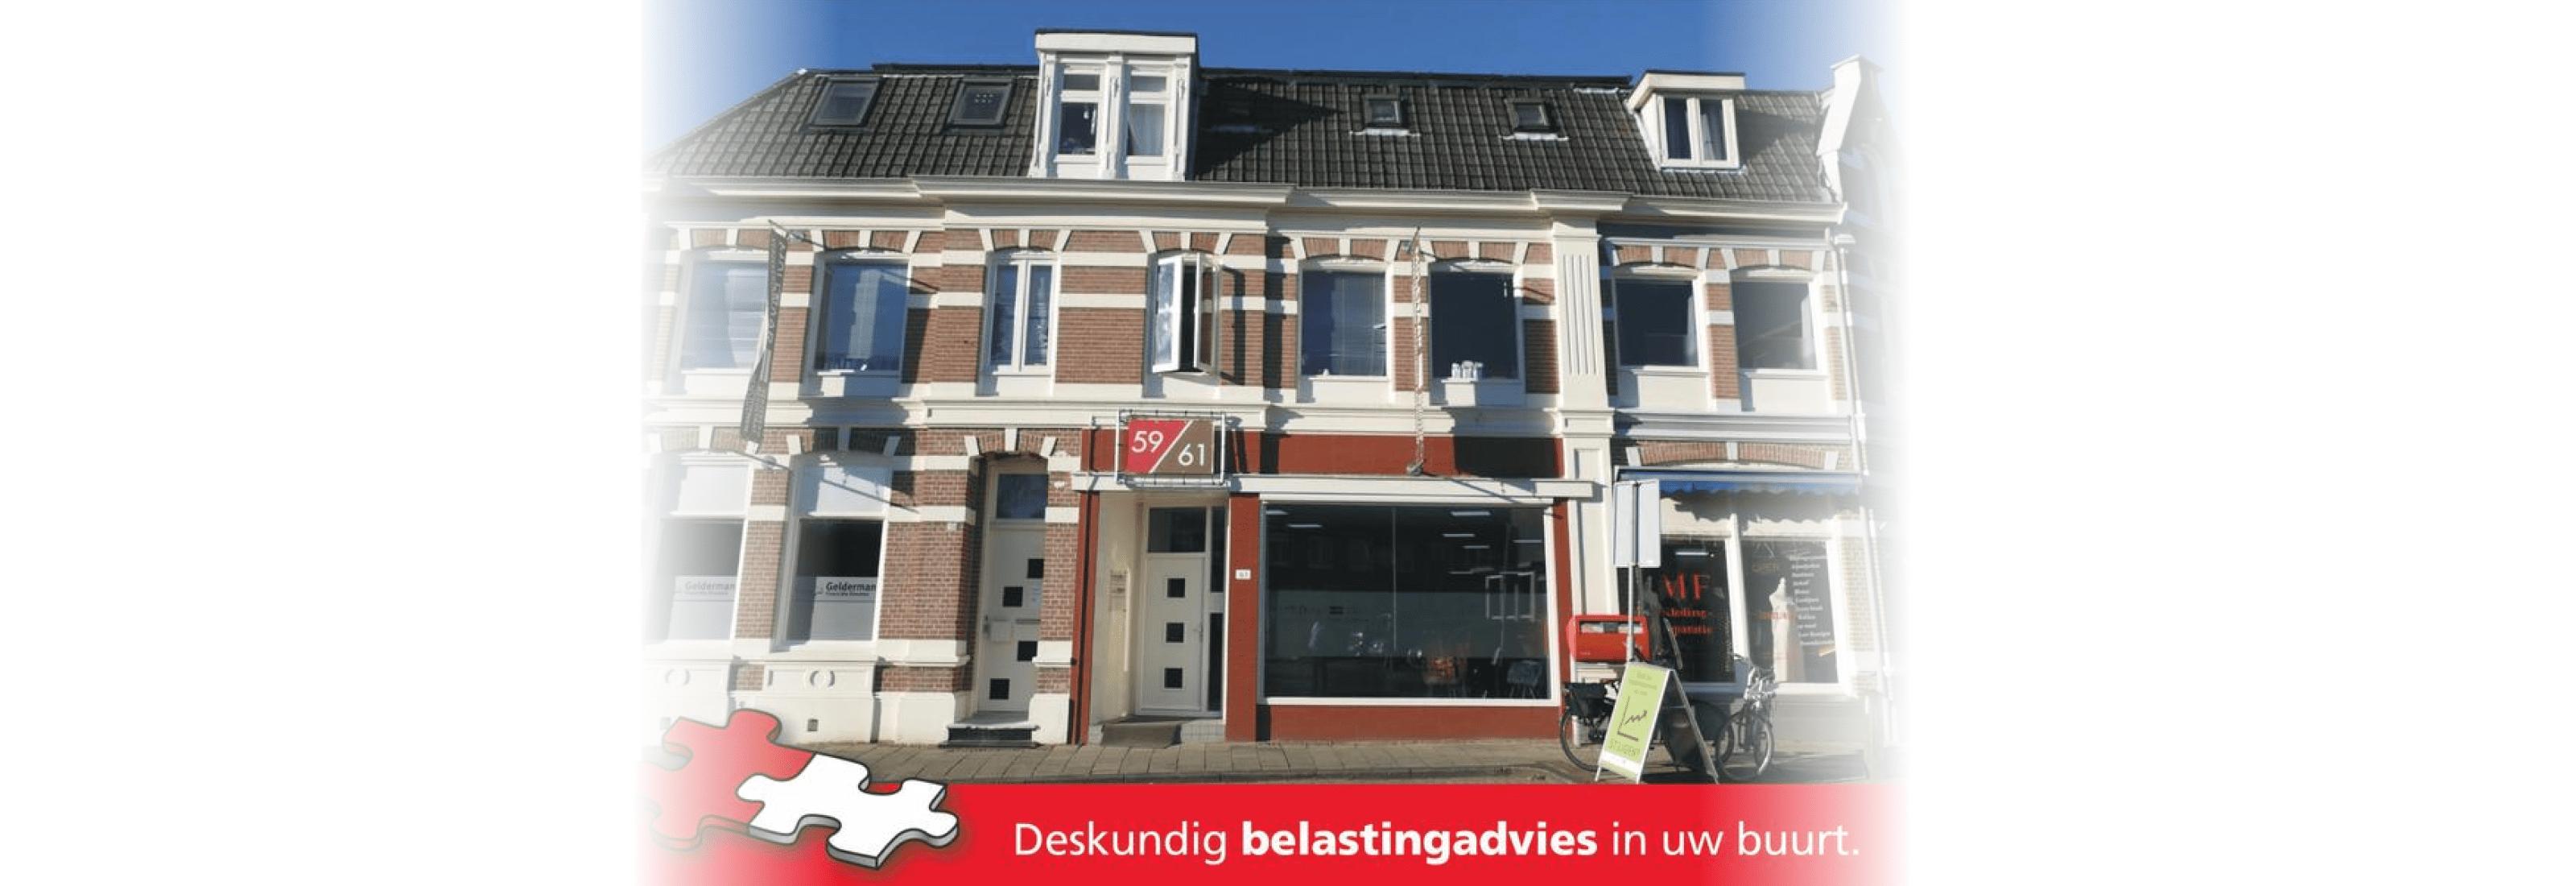 Gelderman Financiële Diensten - Administratiekantoor in Enschede